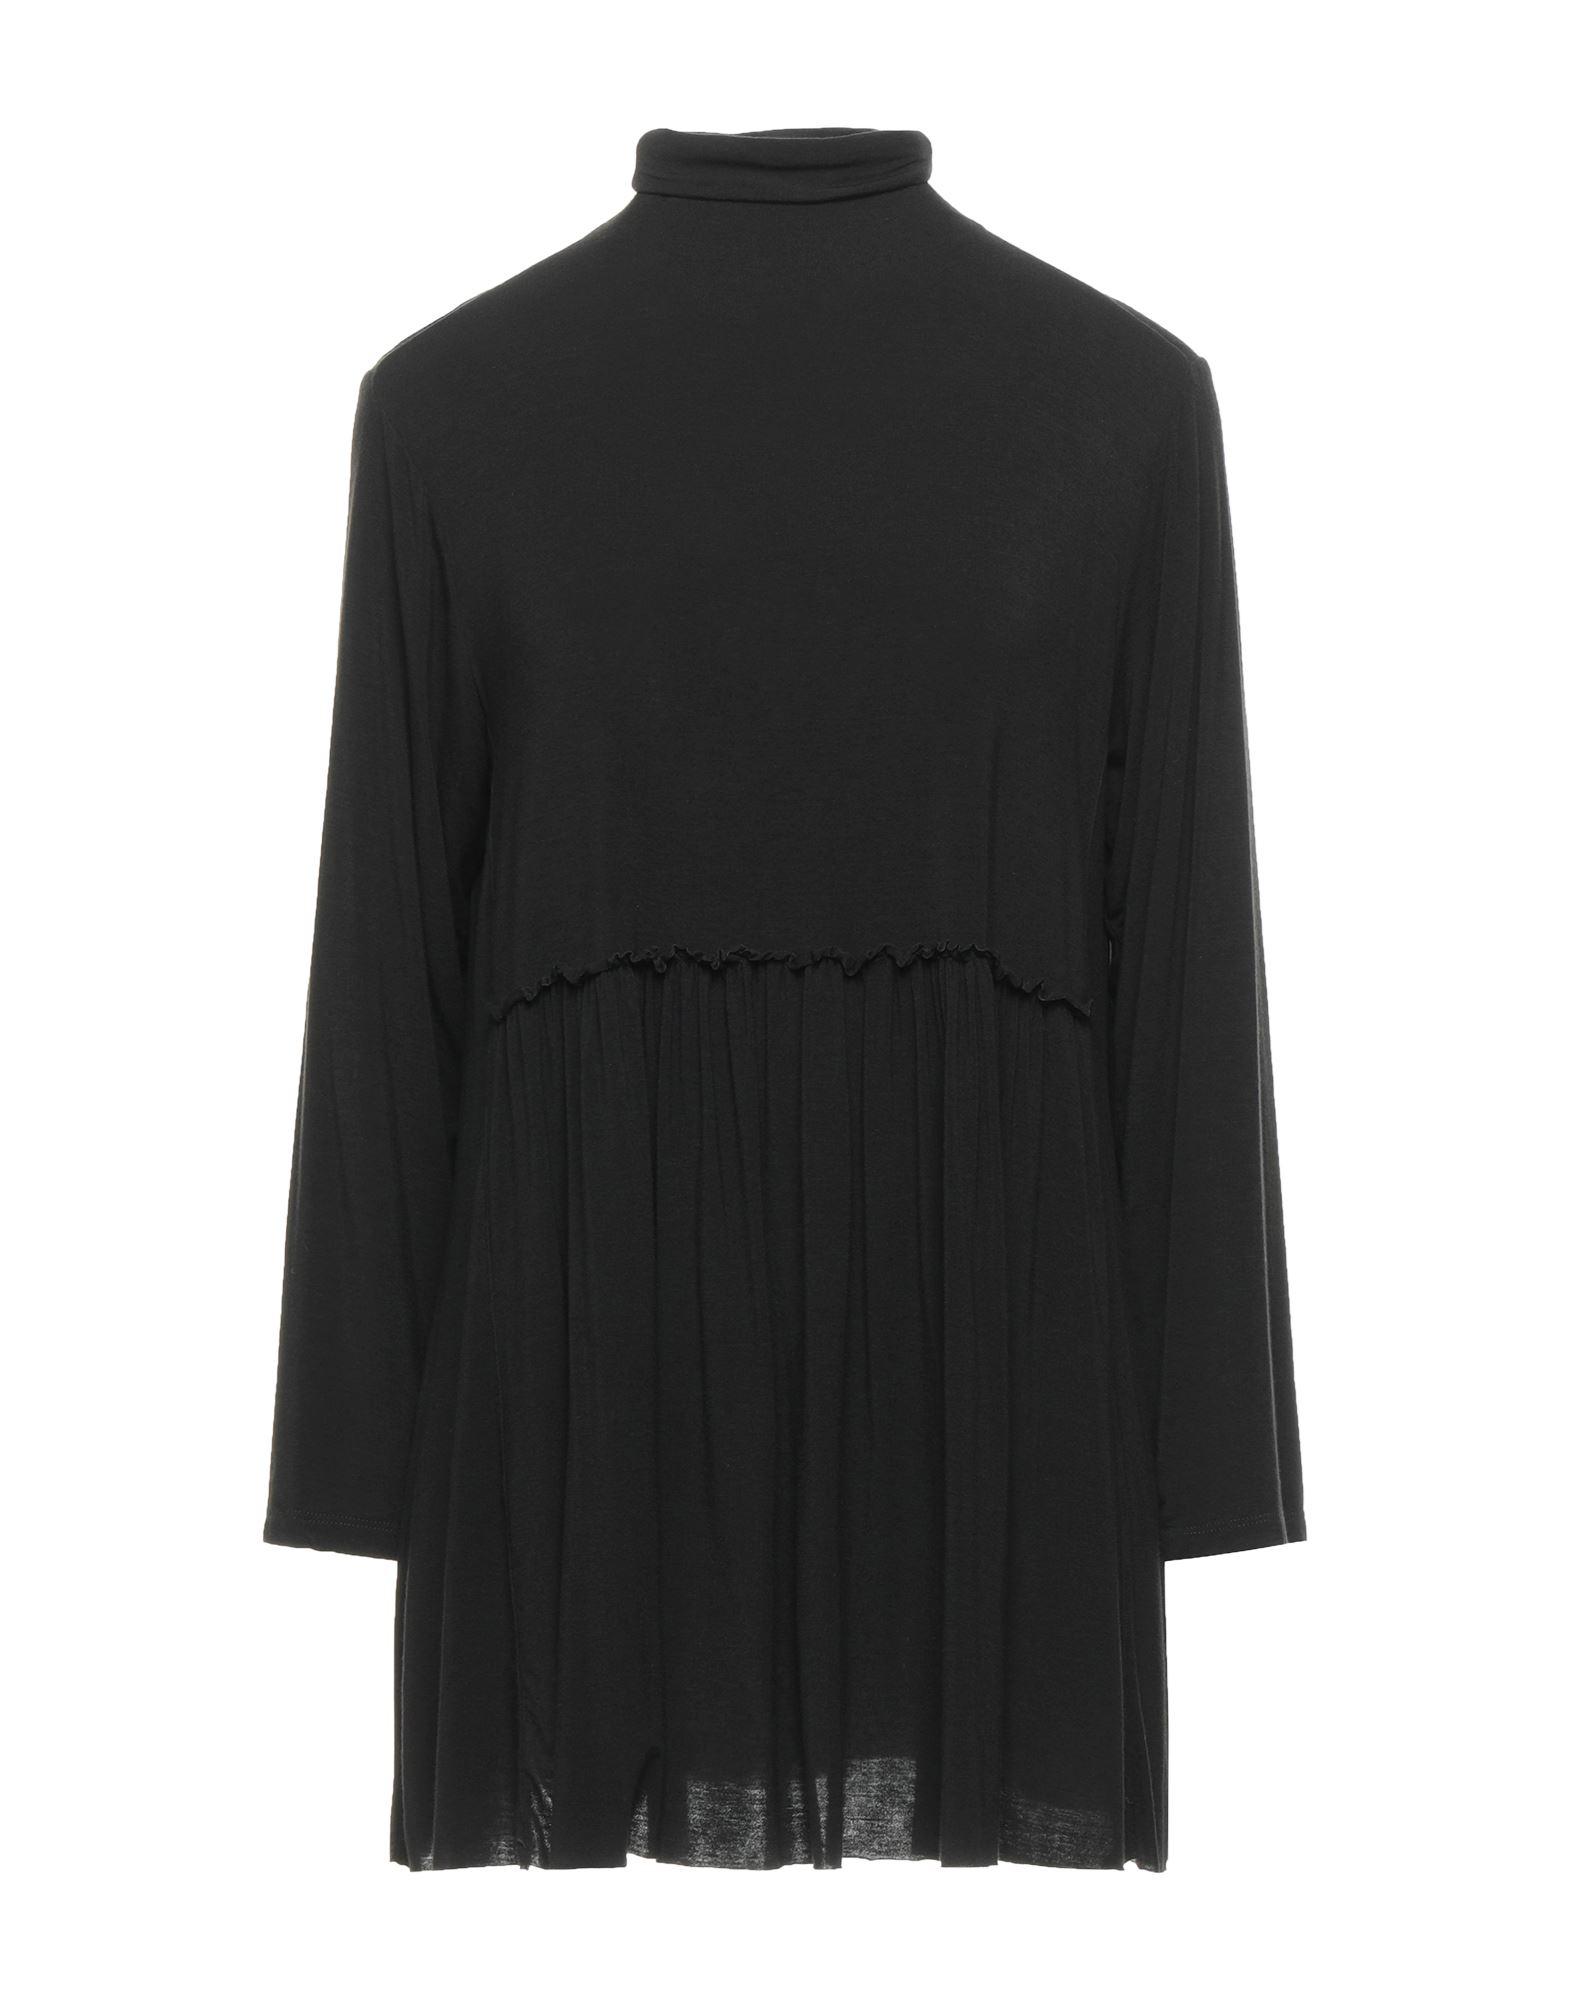 Alessia Santi T-shirts In Black